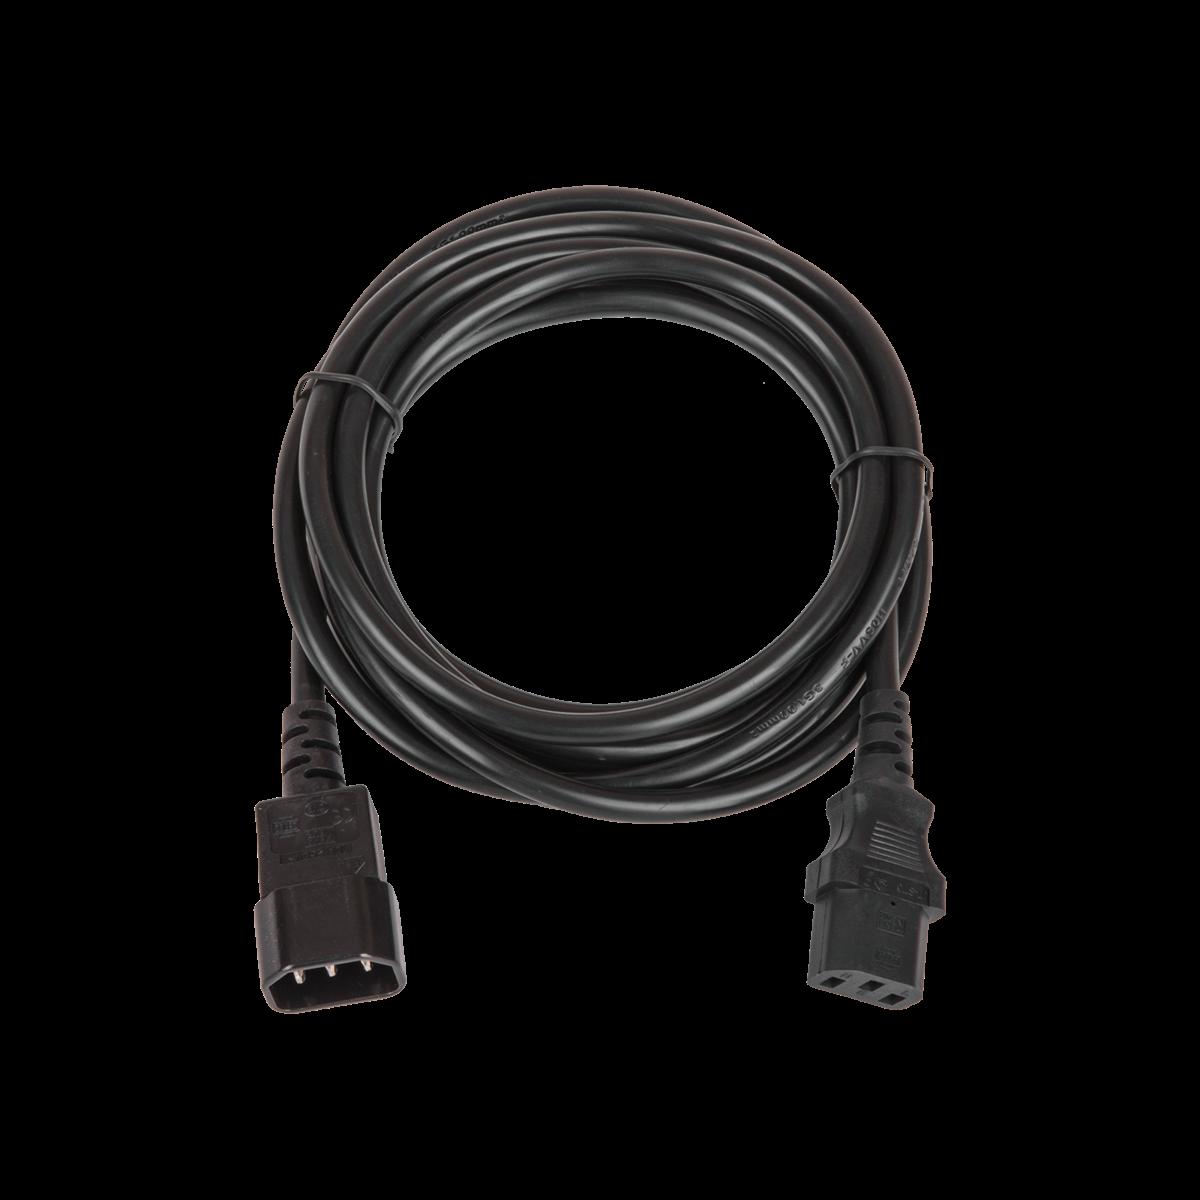 Кабель питания, вход - разъём C14 (IEC 60320) , выход - разъём C13 (IEC 60320),  3x1мм2, 3 м, 250В 10A, черный